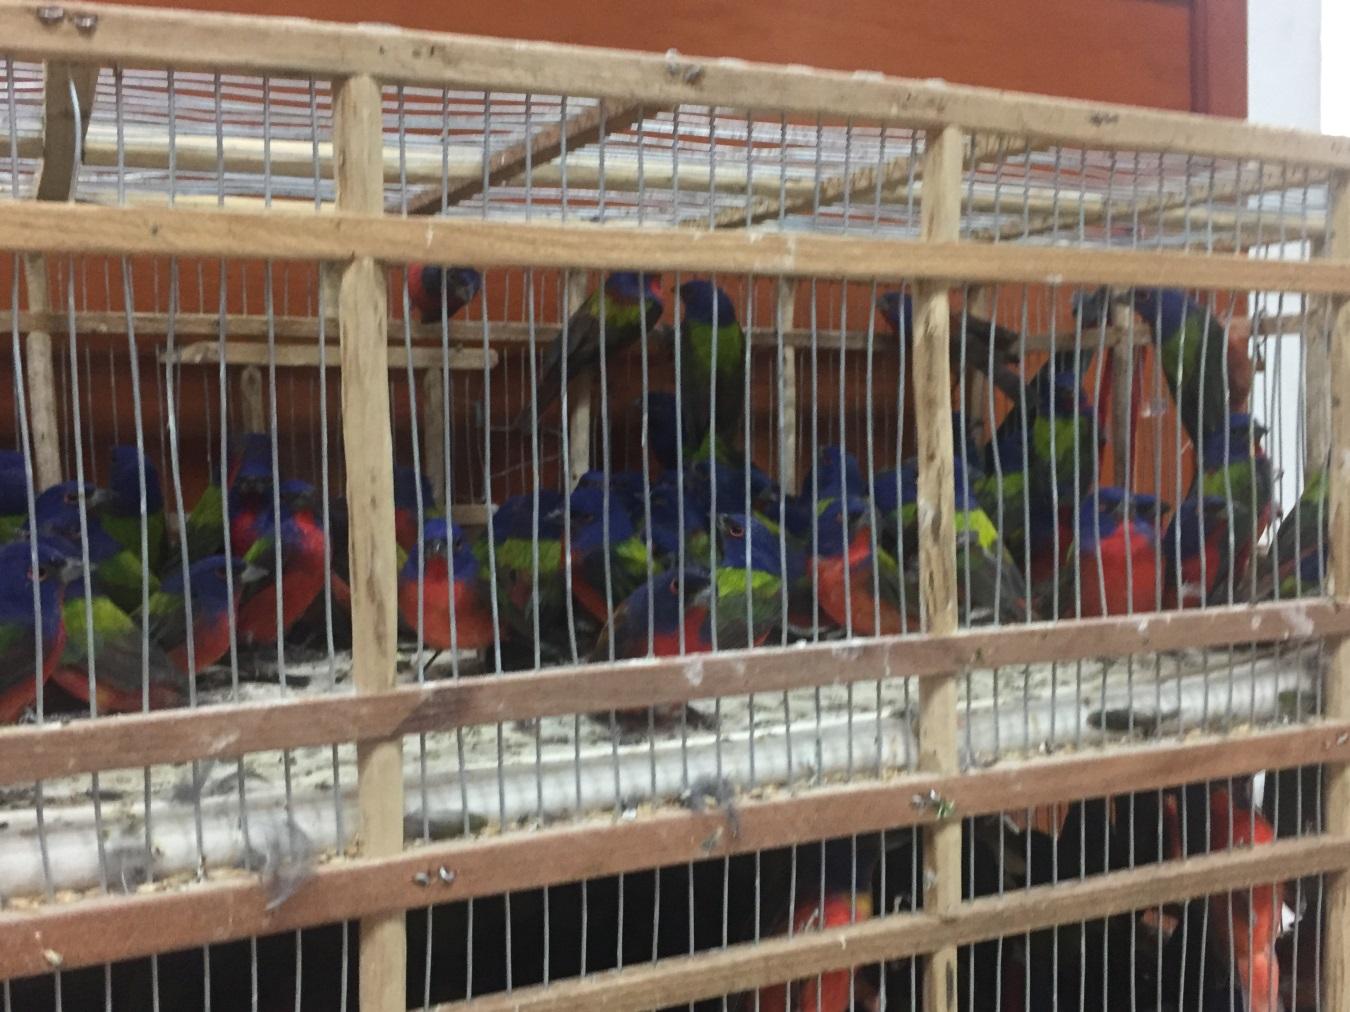 Profepa asegura aves en Tepic, Nayarit. (Profepa)